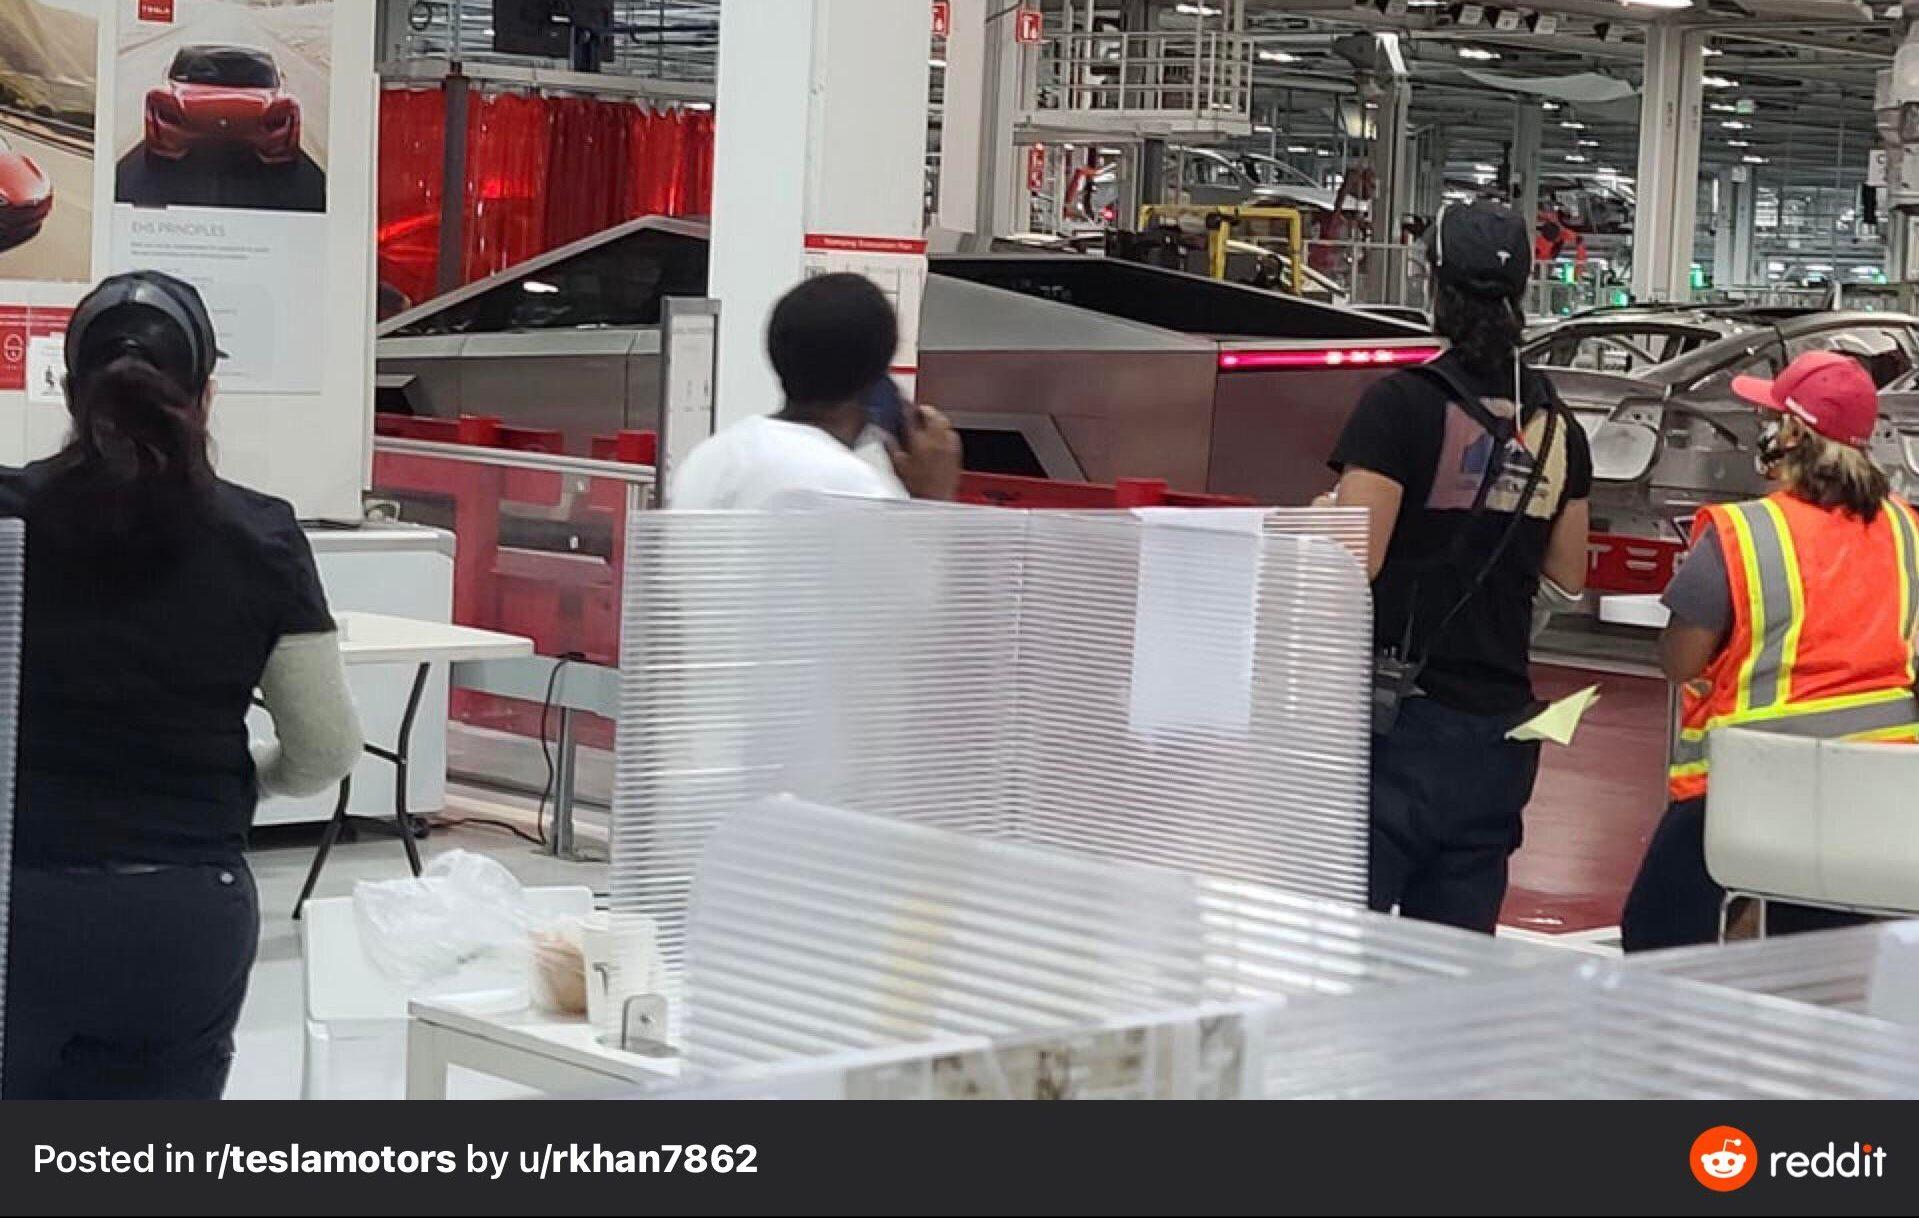 Прототип Tesla Cybertruck замечен на производственных линиях во Фремонте